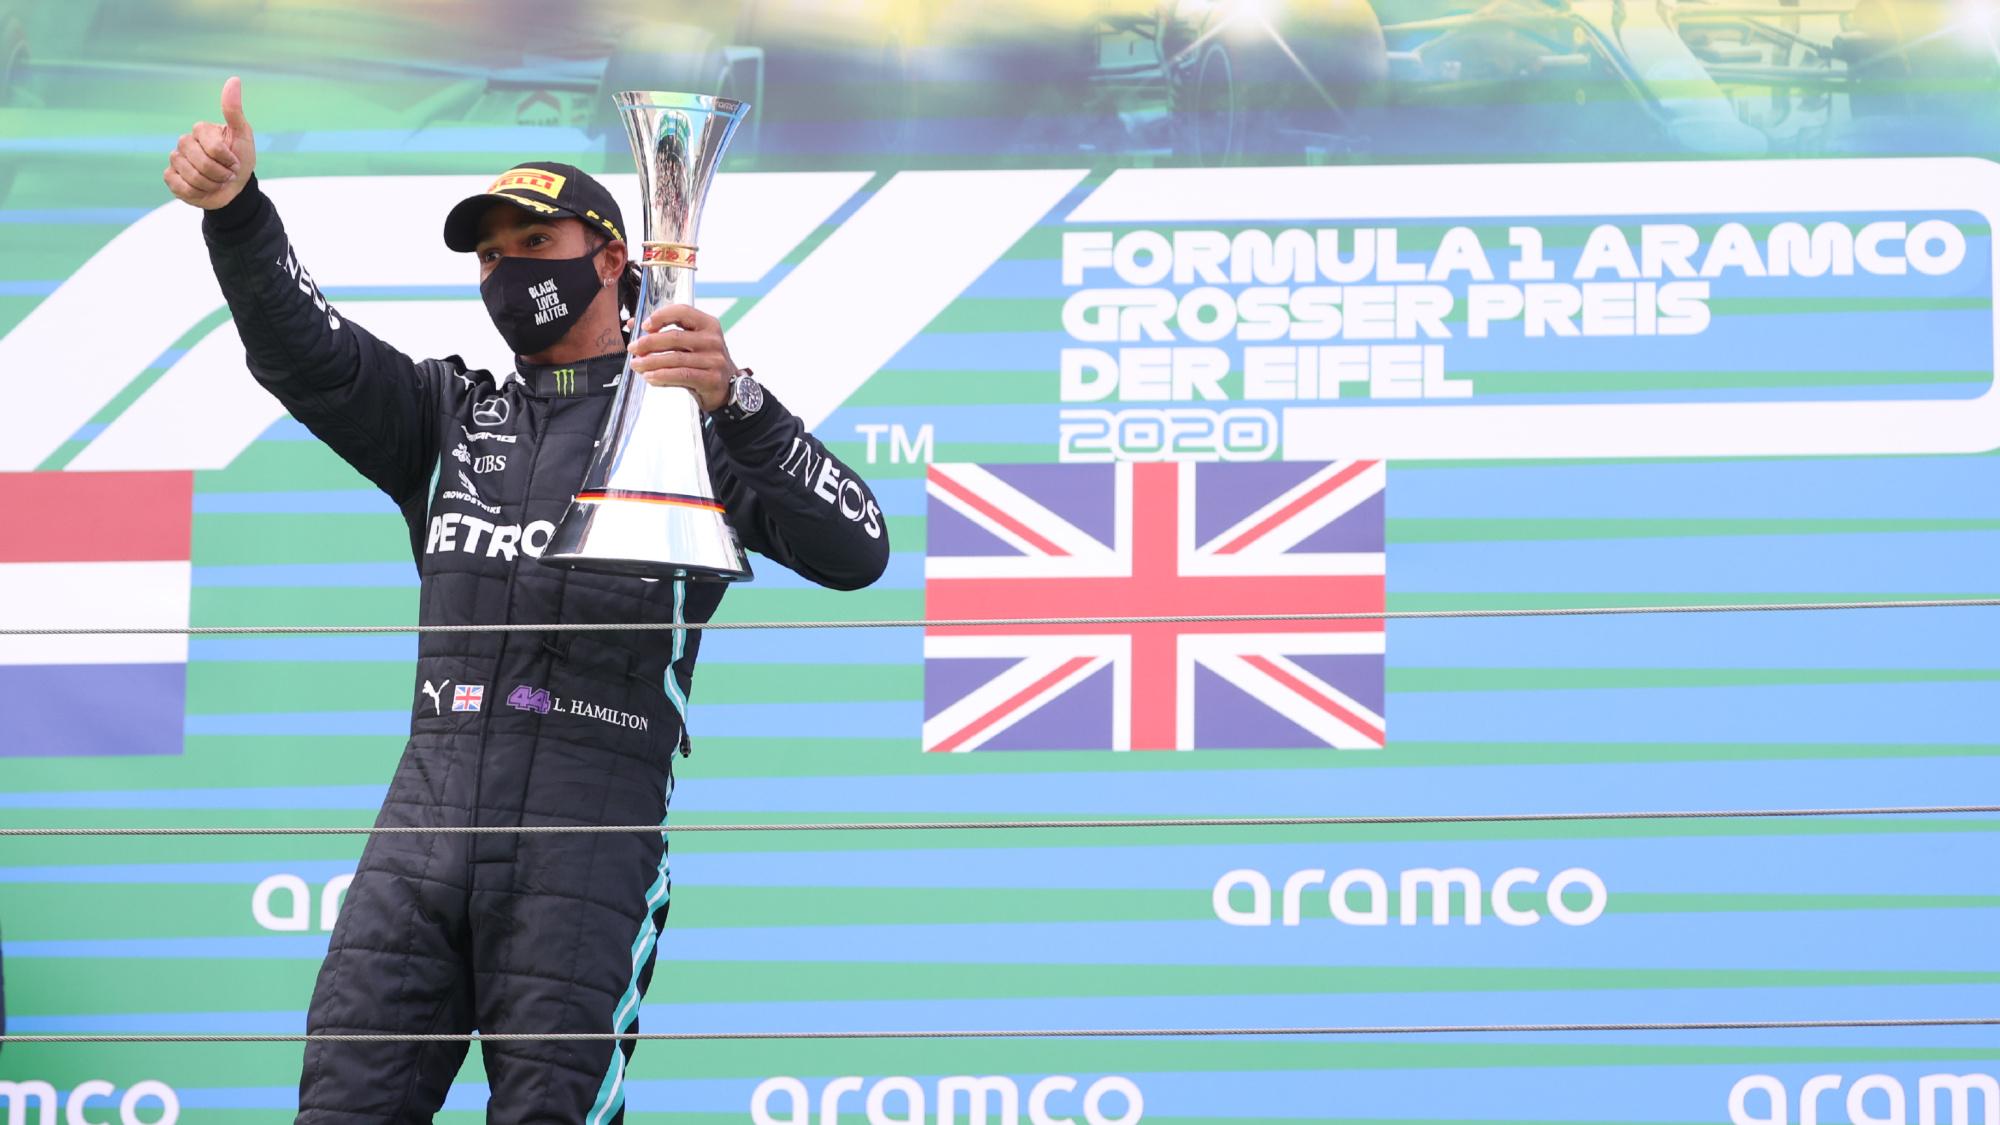 Lewis Hamilton, 2020 Eifel GP